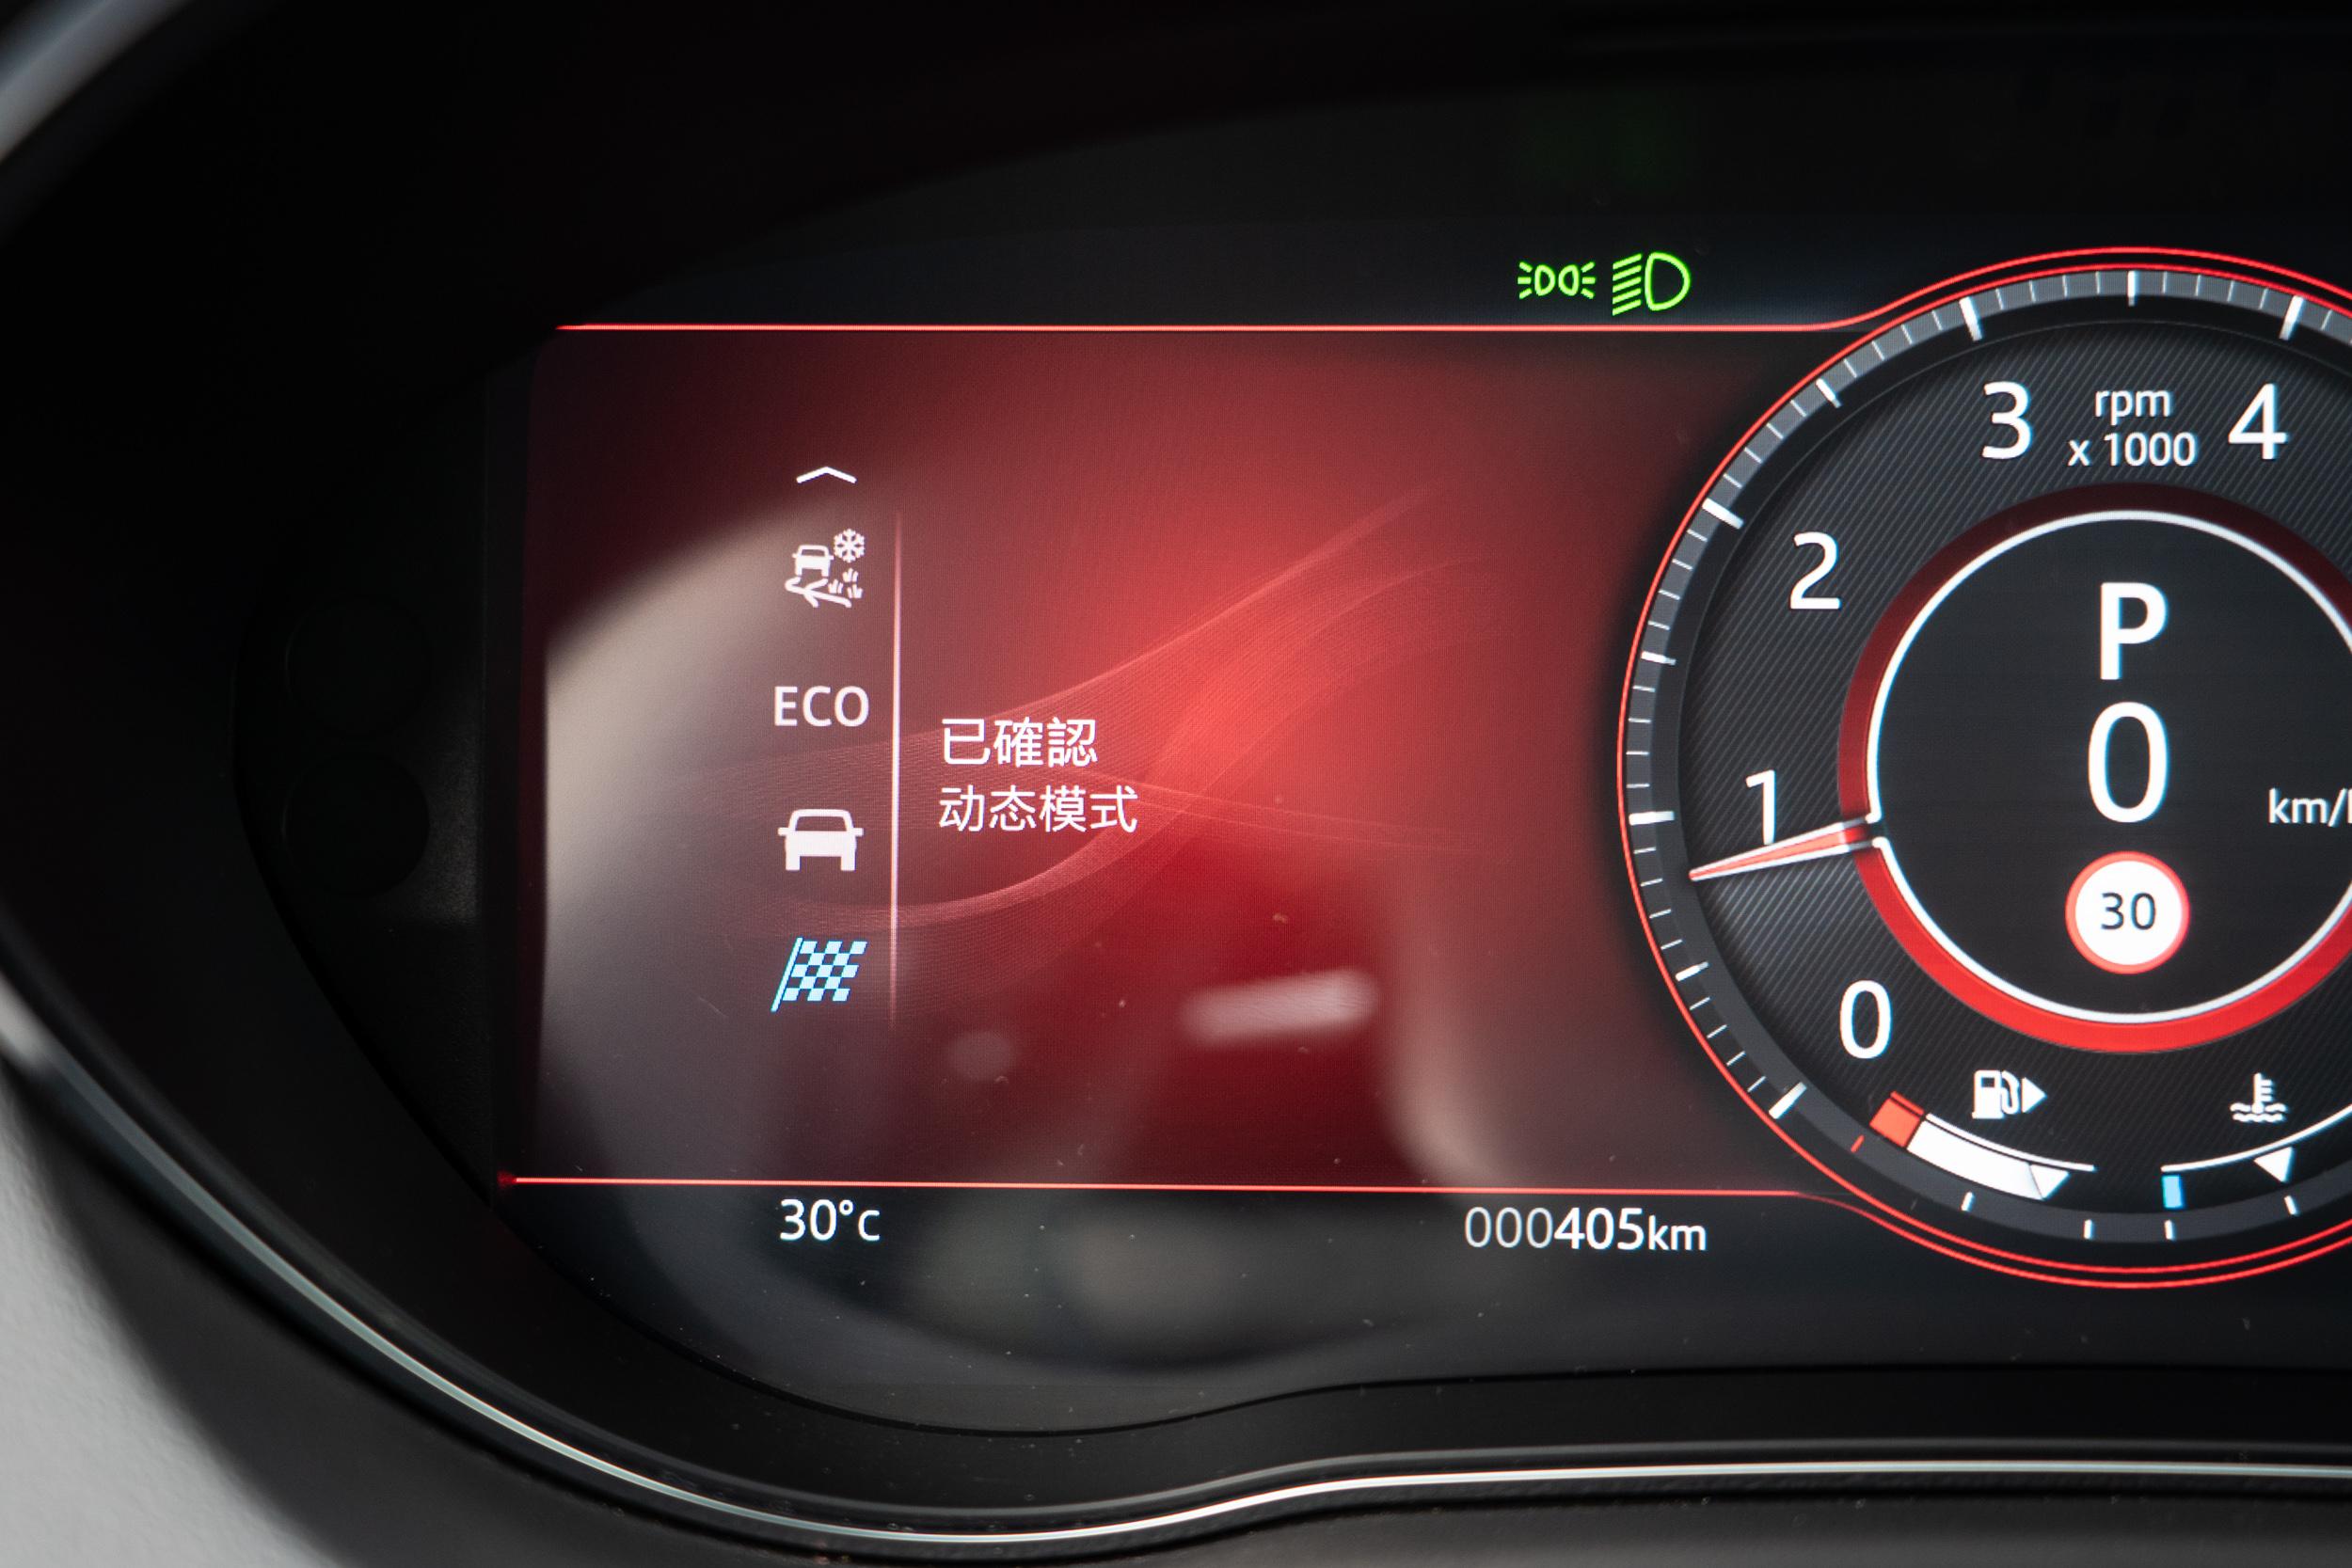 動態模式選擇時會於儀表板上顯示。